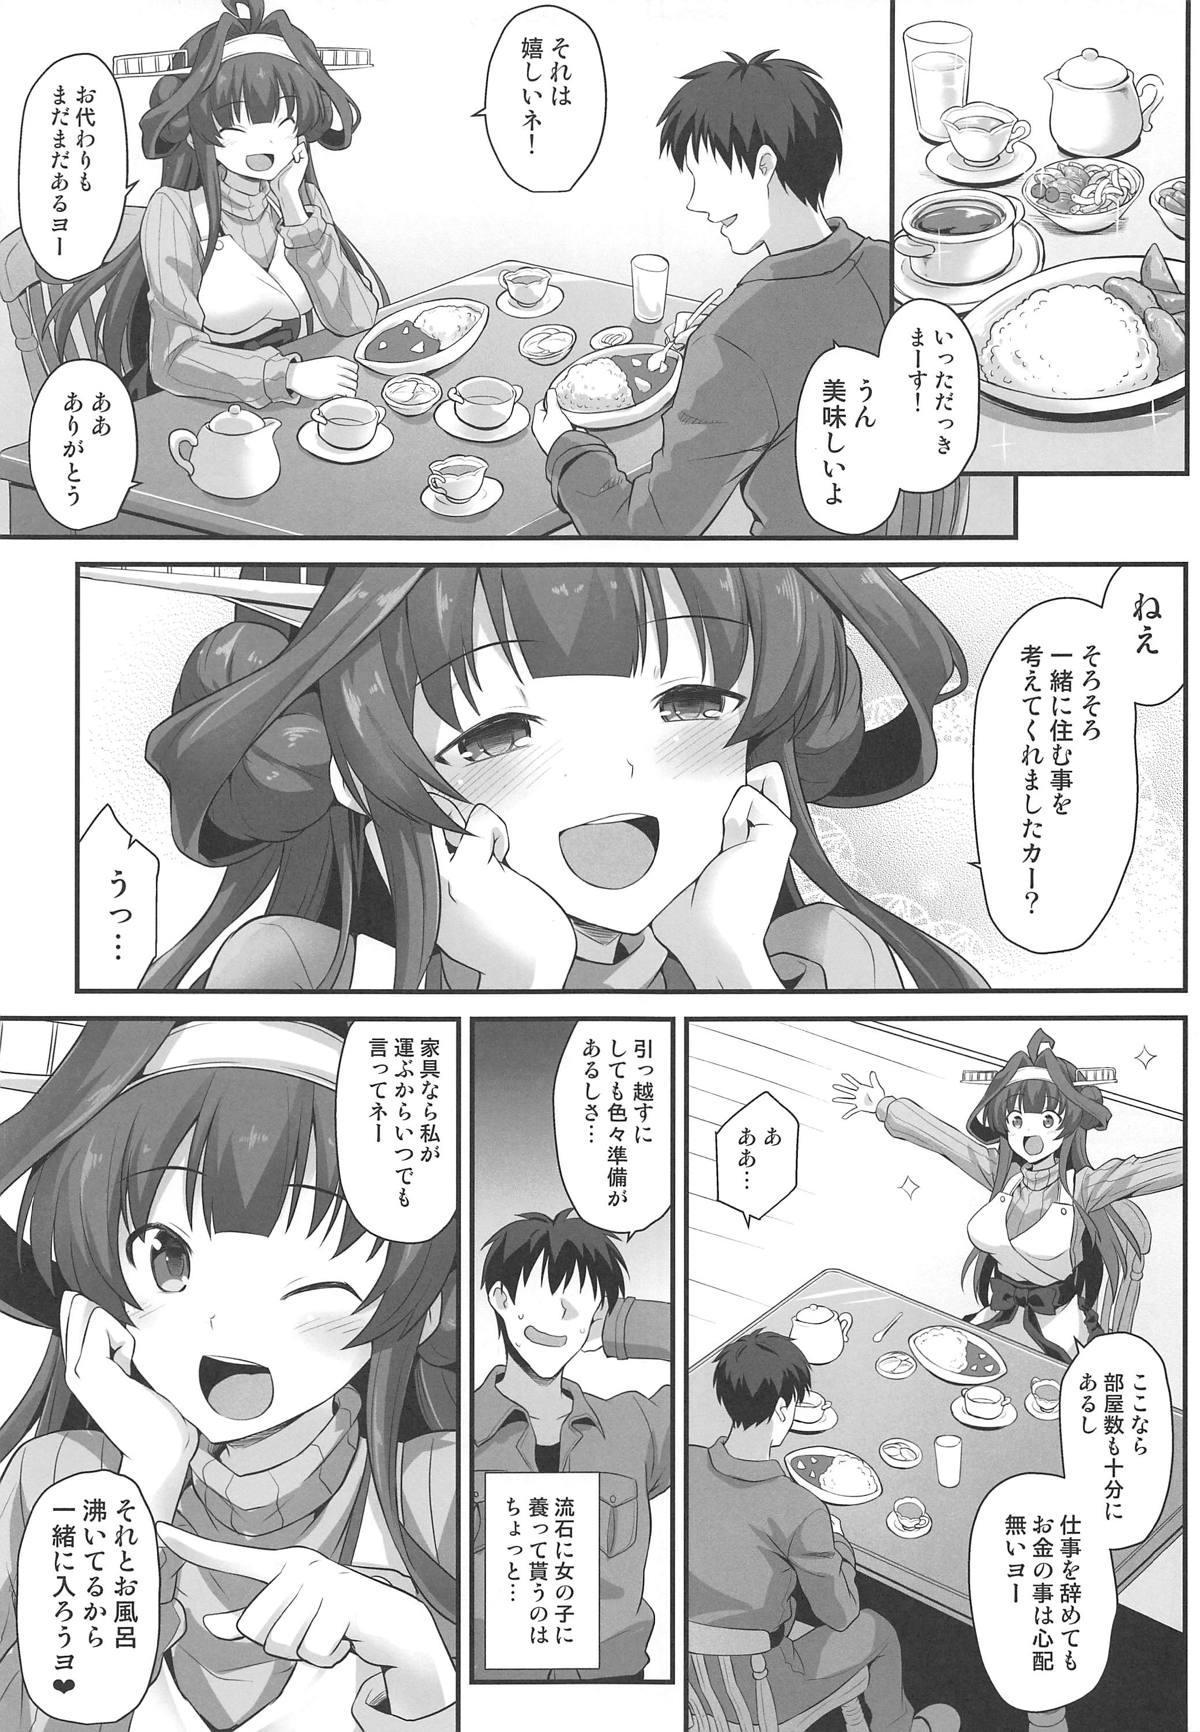 Kongou-chan to Love Love Shinkon Play 3